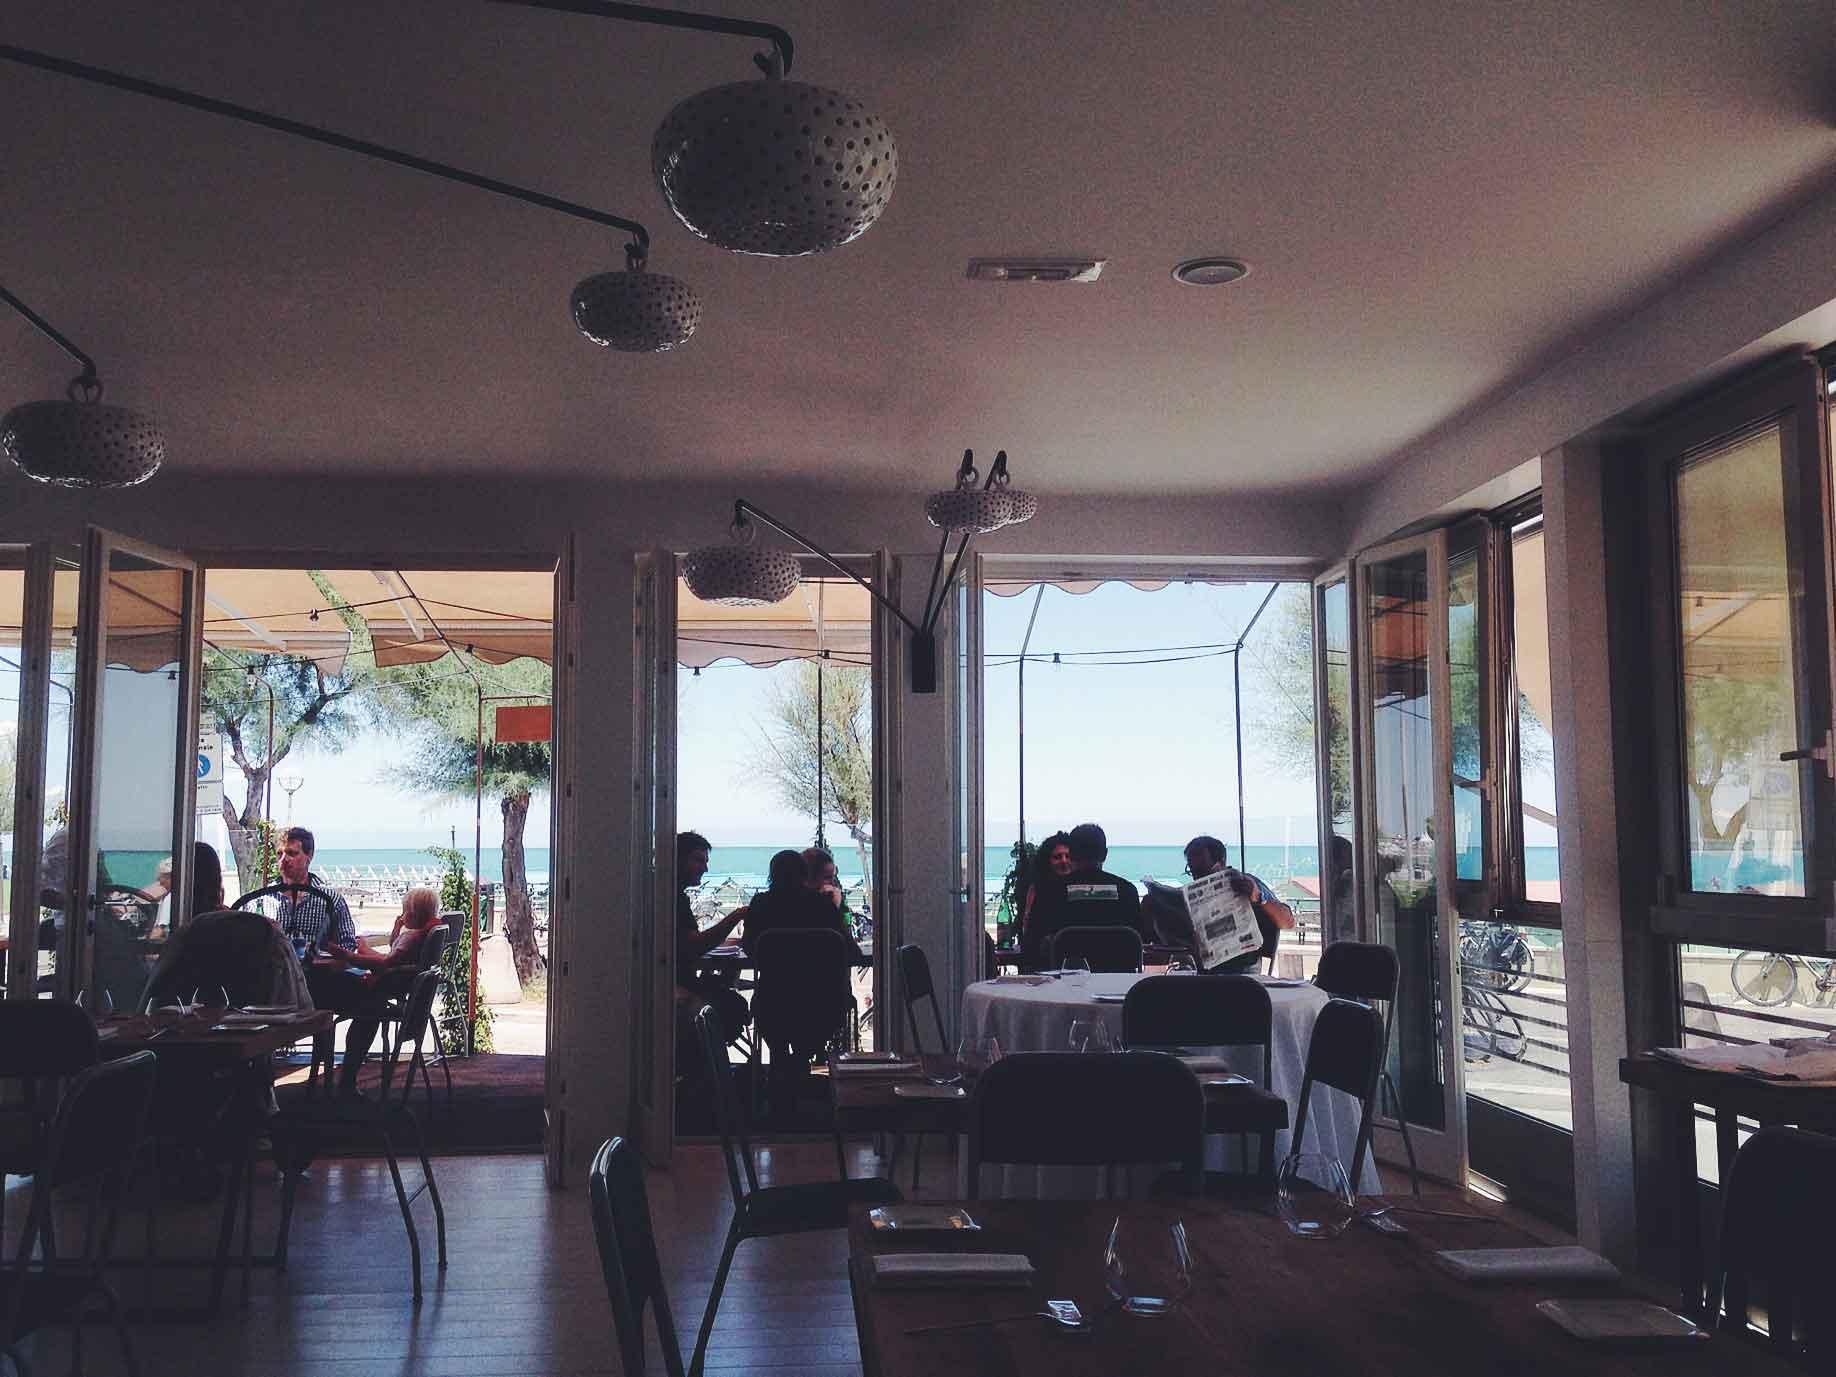 ristorante-stella-michelin-nostrano-pesaro-4